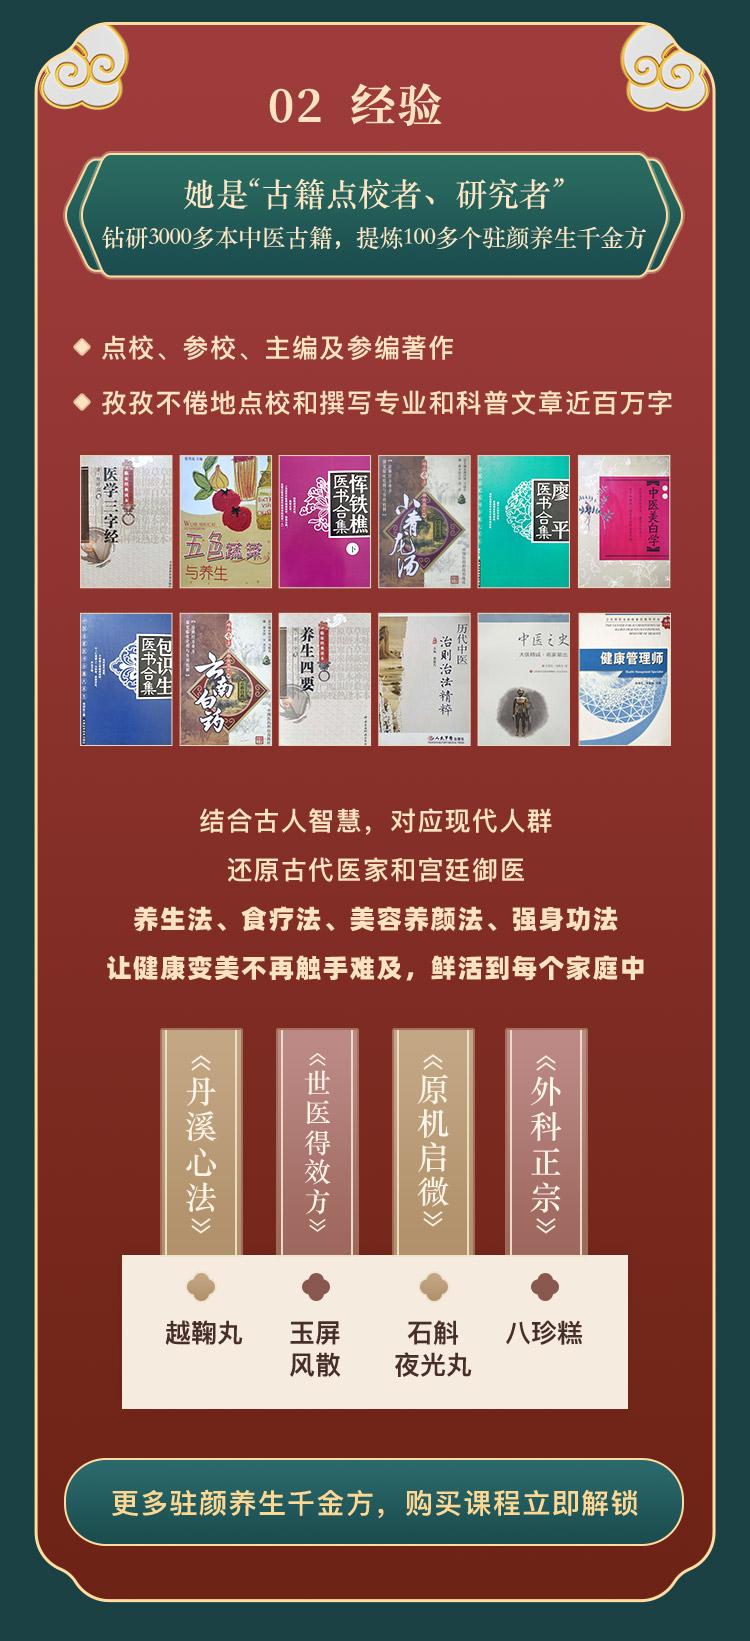 古法驻颜养生千金方_09